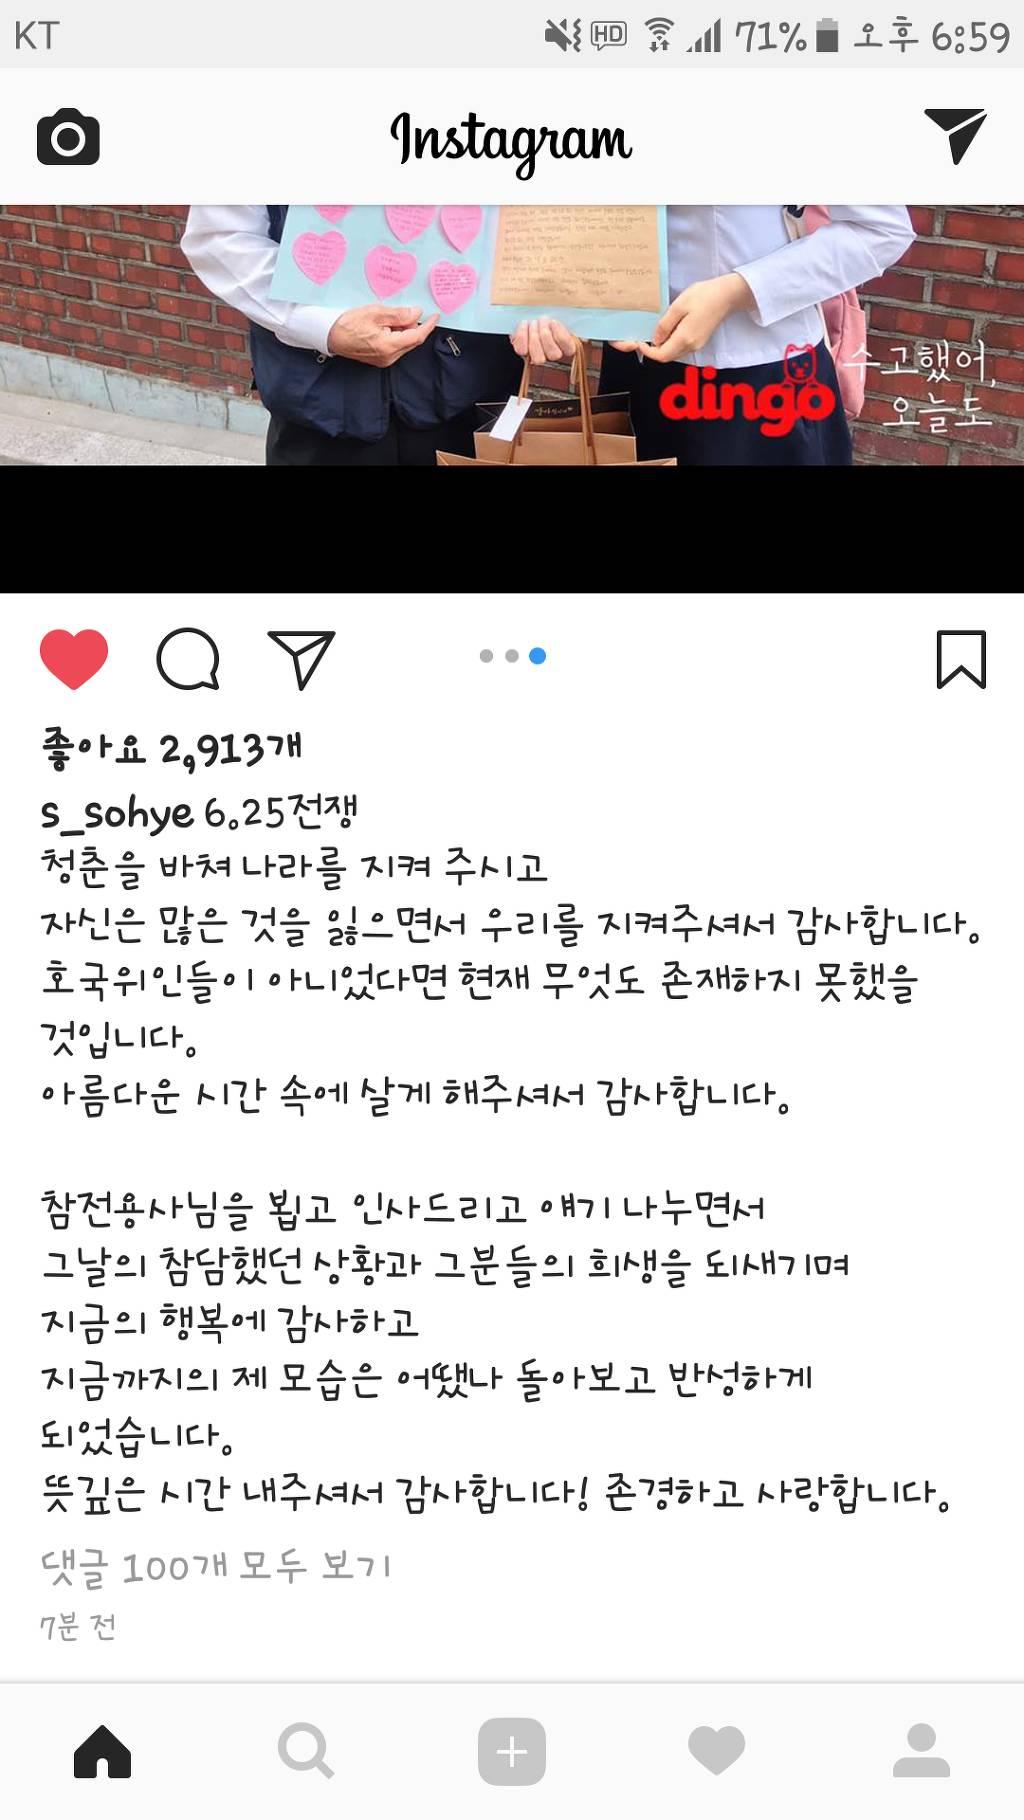 김민교와 TvN 제작진이 비하했던 625 참전용사 이병기 할아버지 원본영상(김소혜와 인터뷰) | 인스티즈